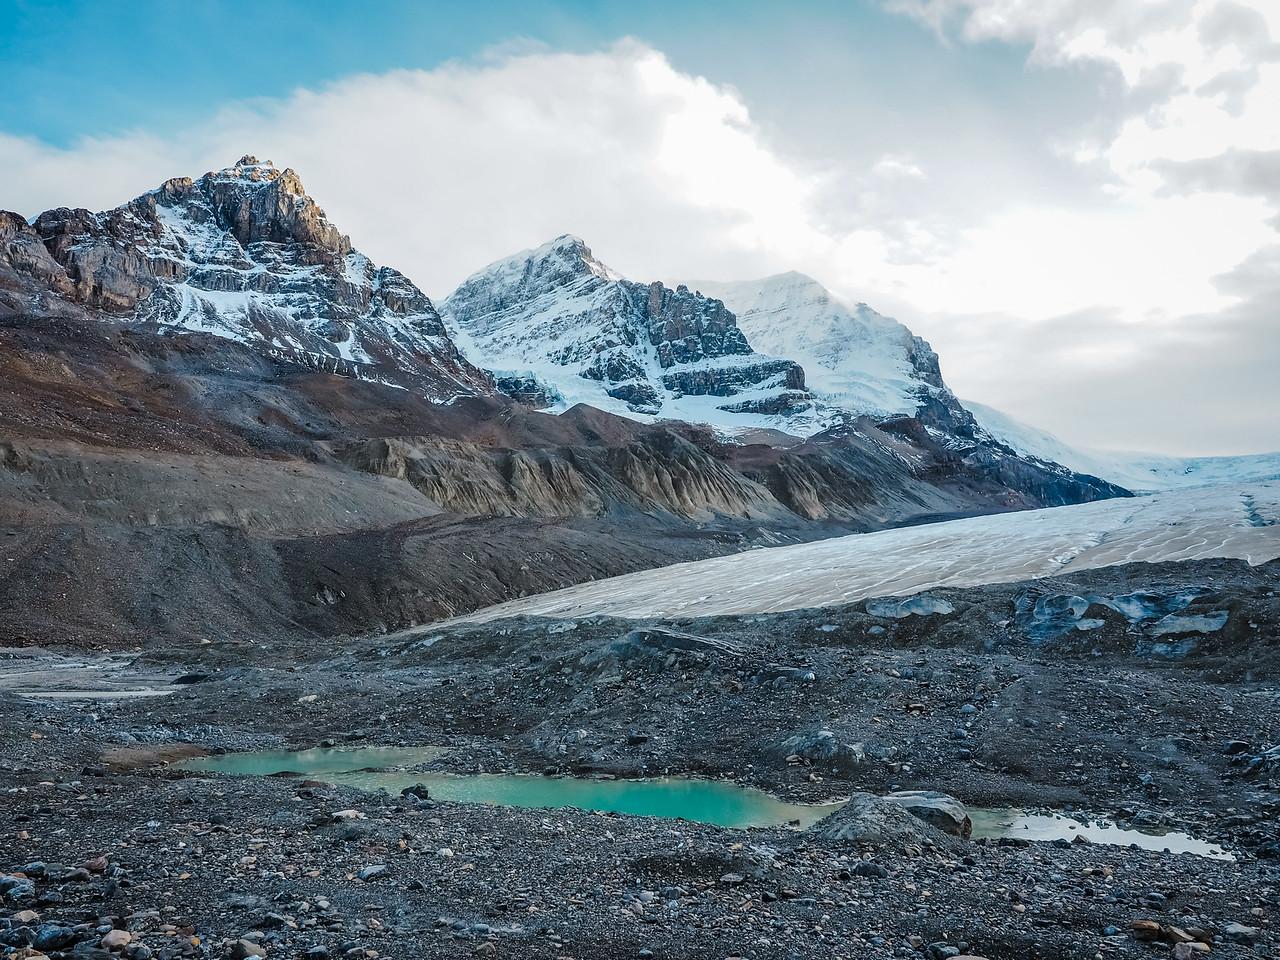 Athabasca Glacier in Alberta